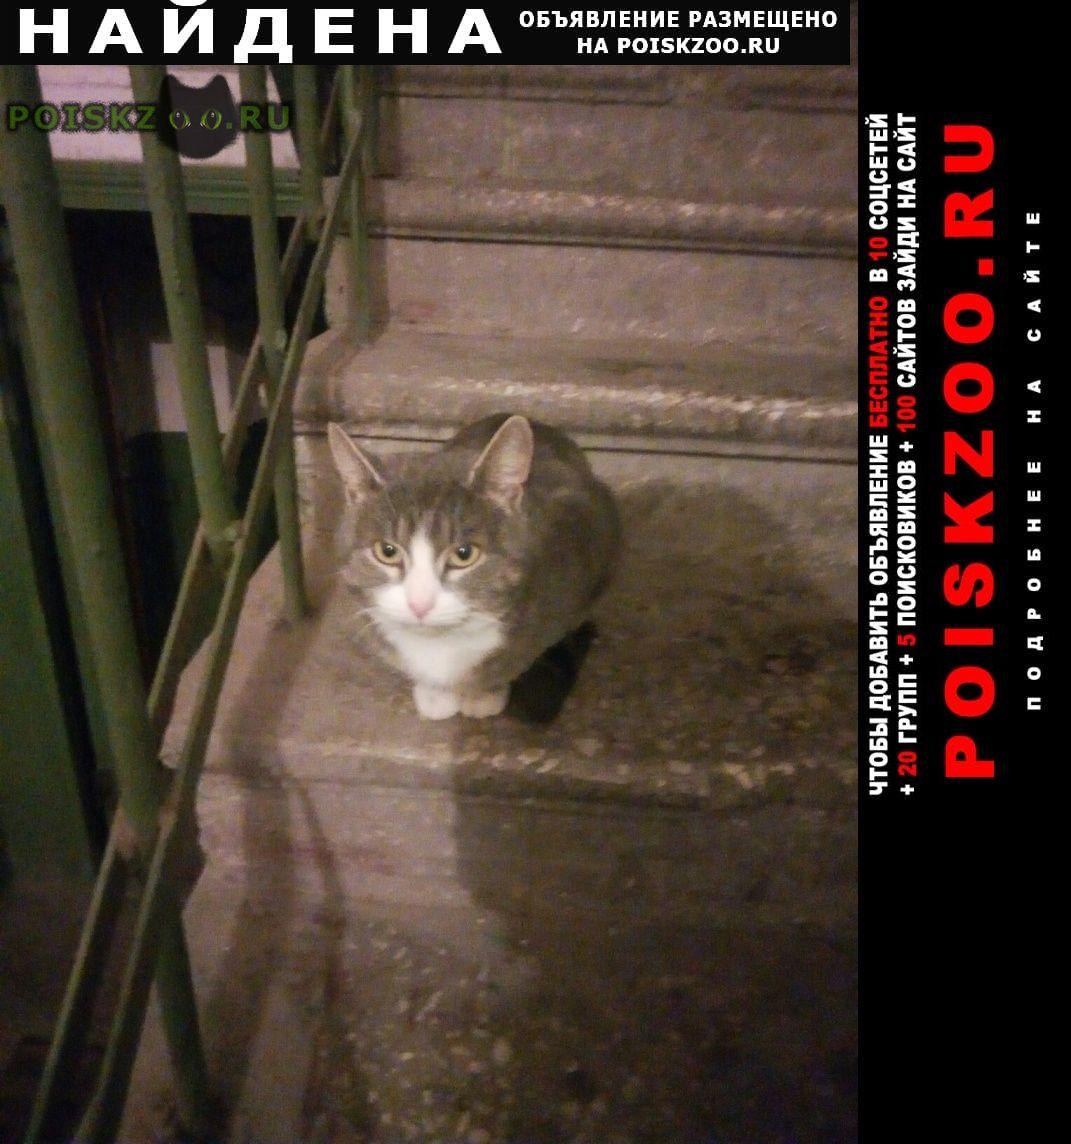 Найдена кошка Курган